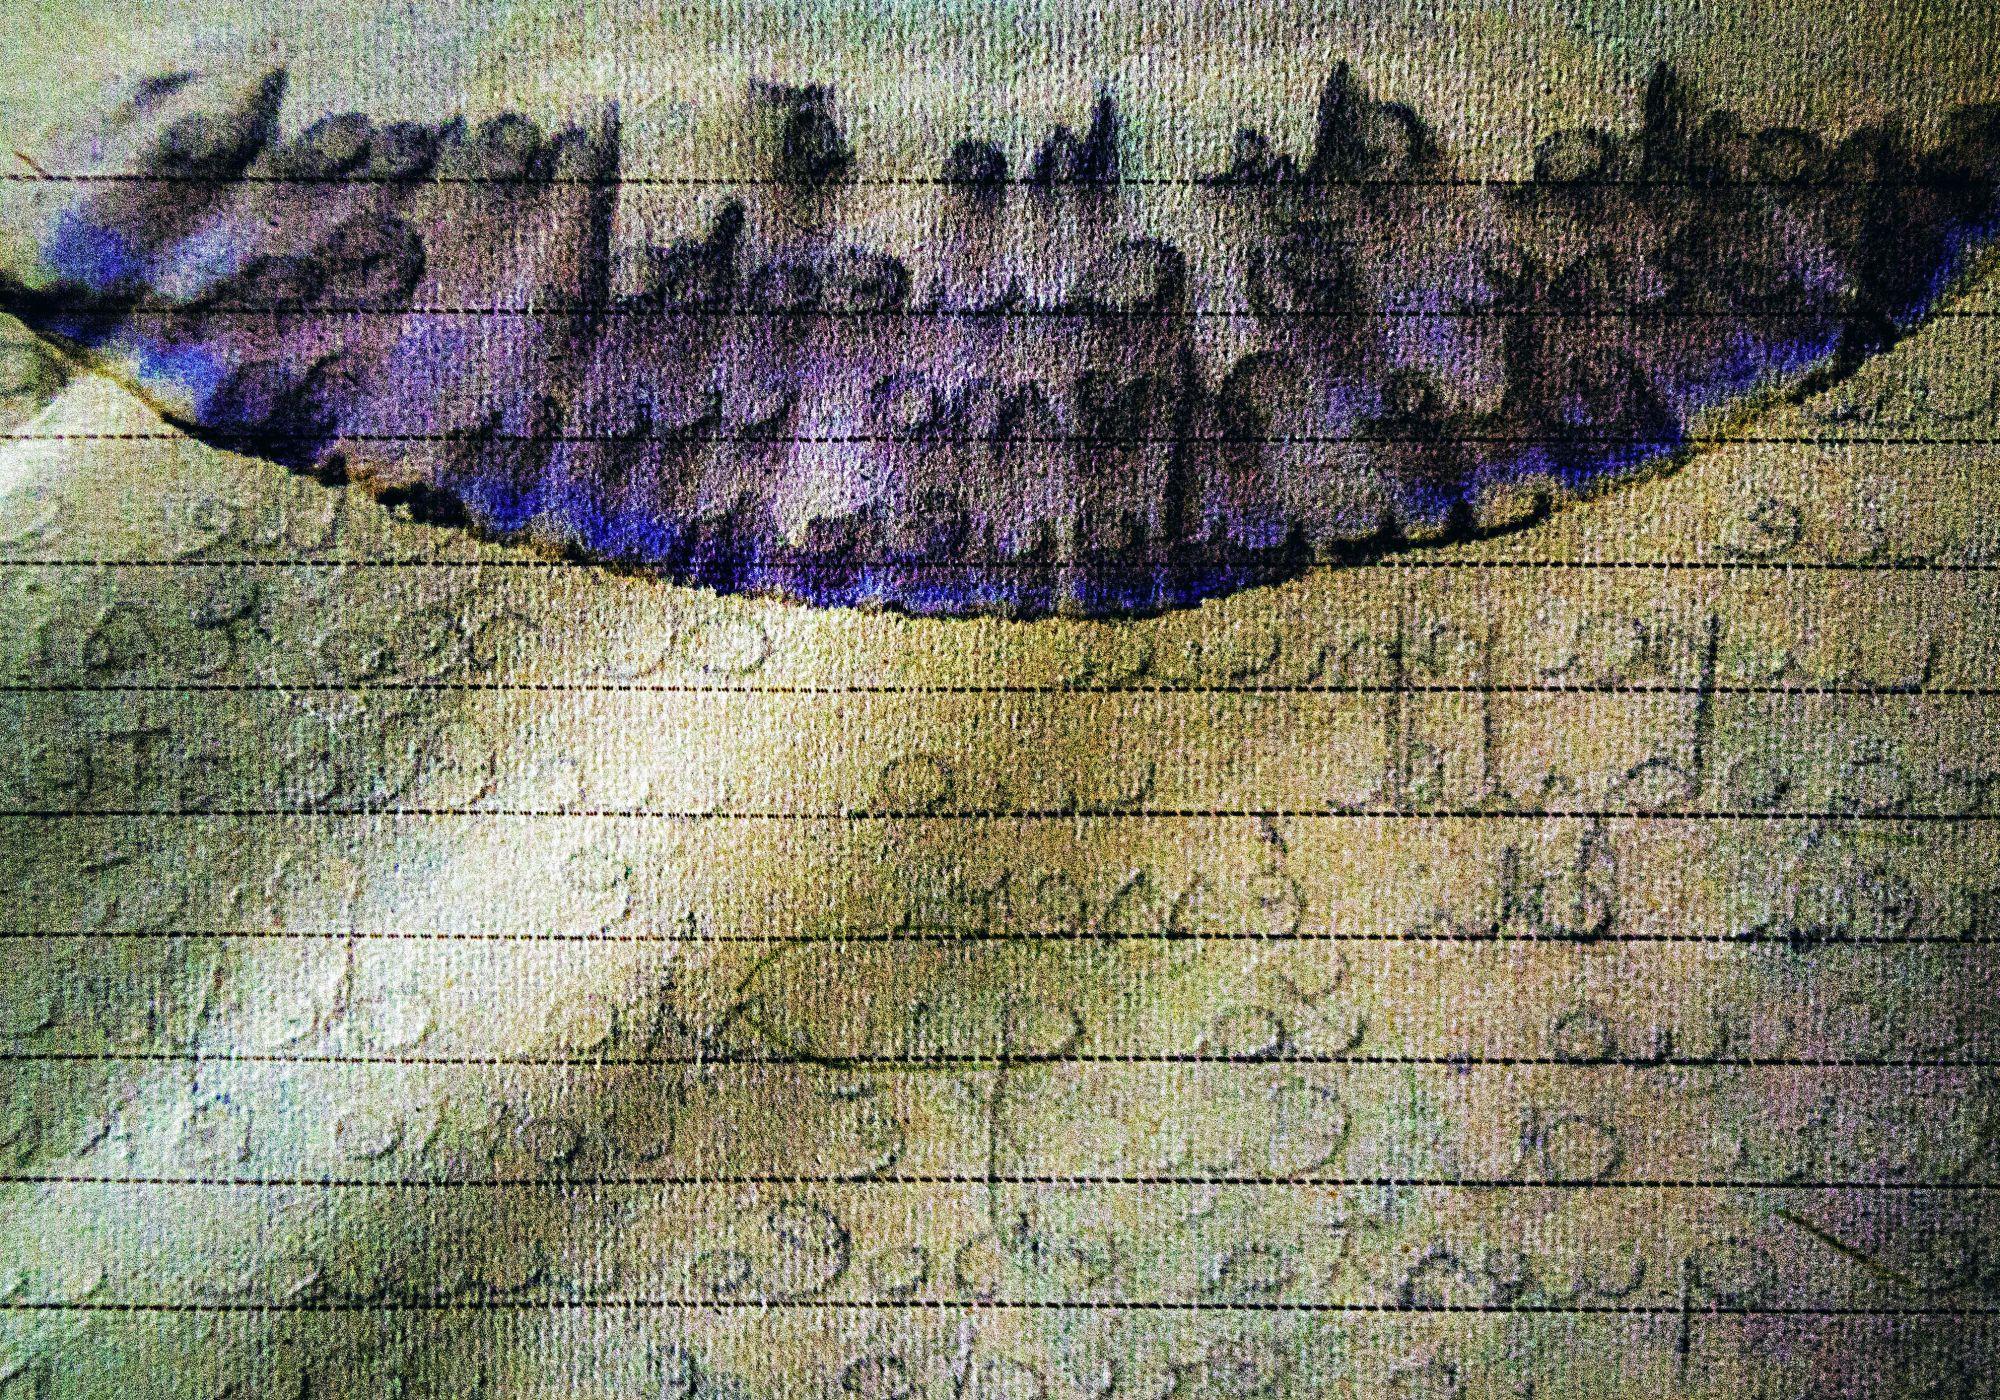 Words #31, Diario/Diary, 2013